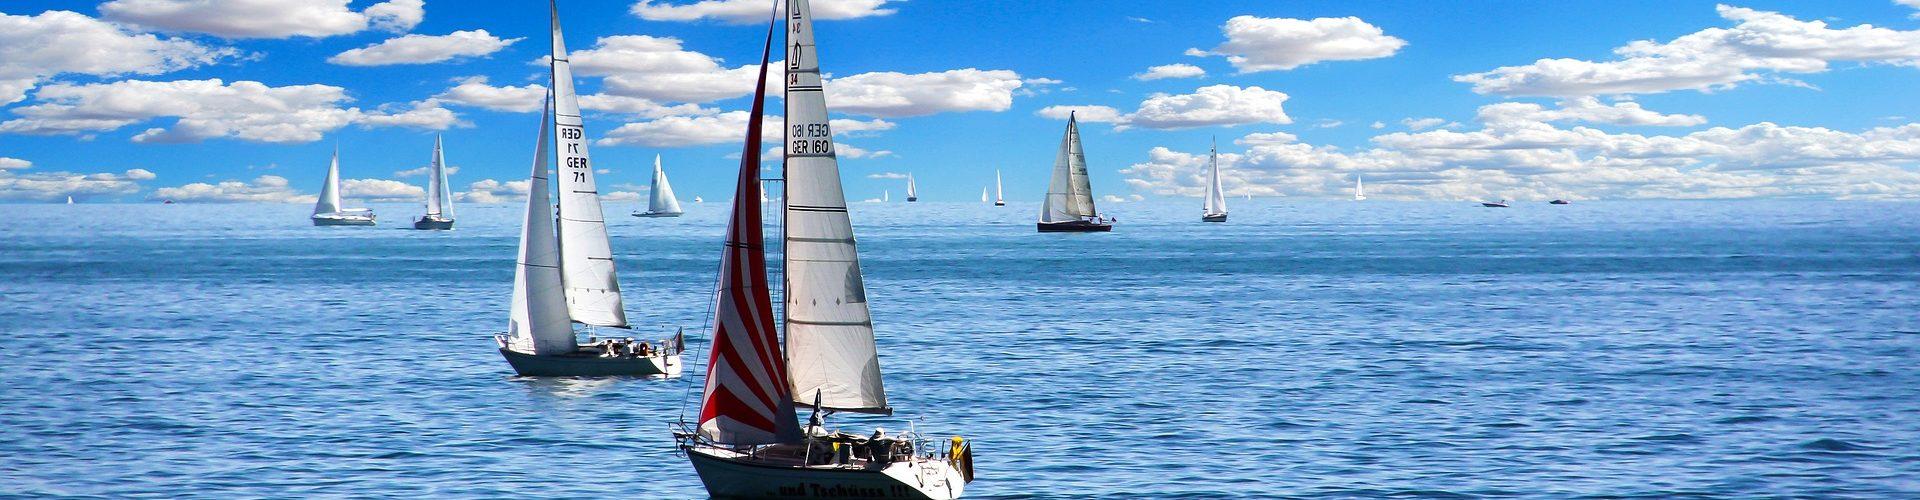 segeln lernen in Leinefelde segelschein machen in Leinefelde 1920x500 - Segeln lernen in Leinefelde